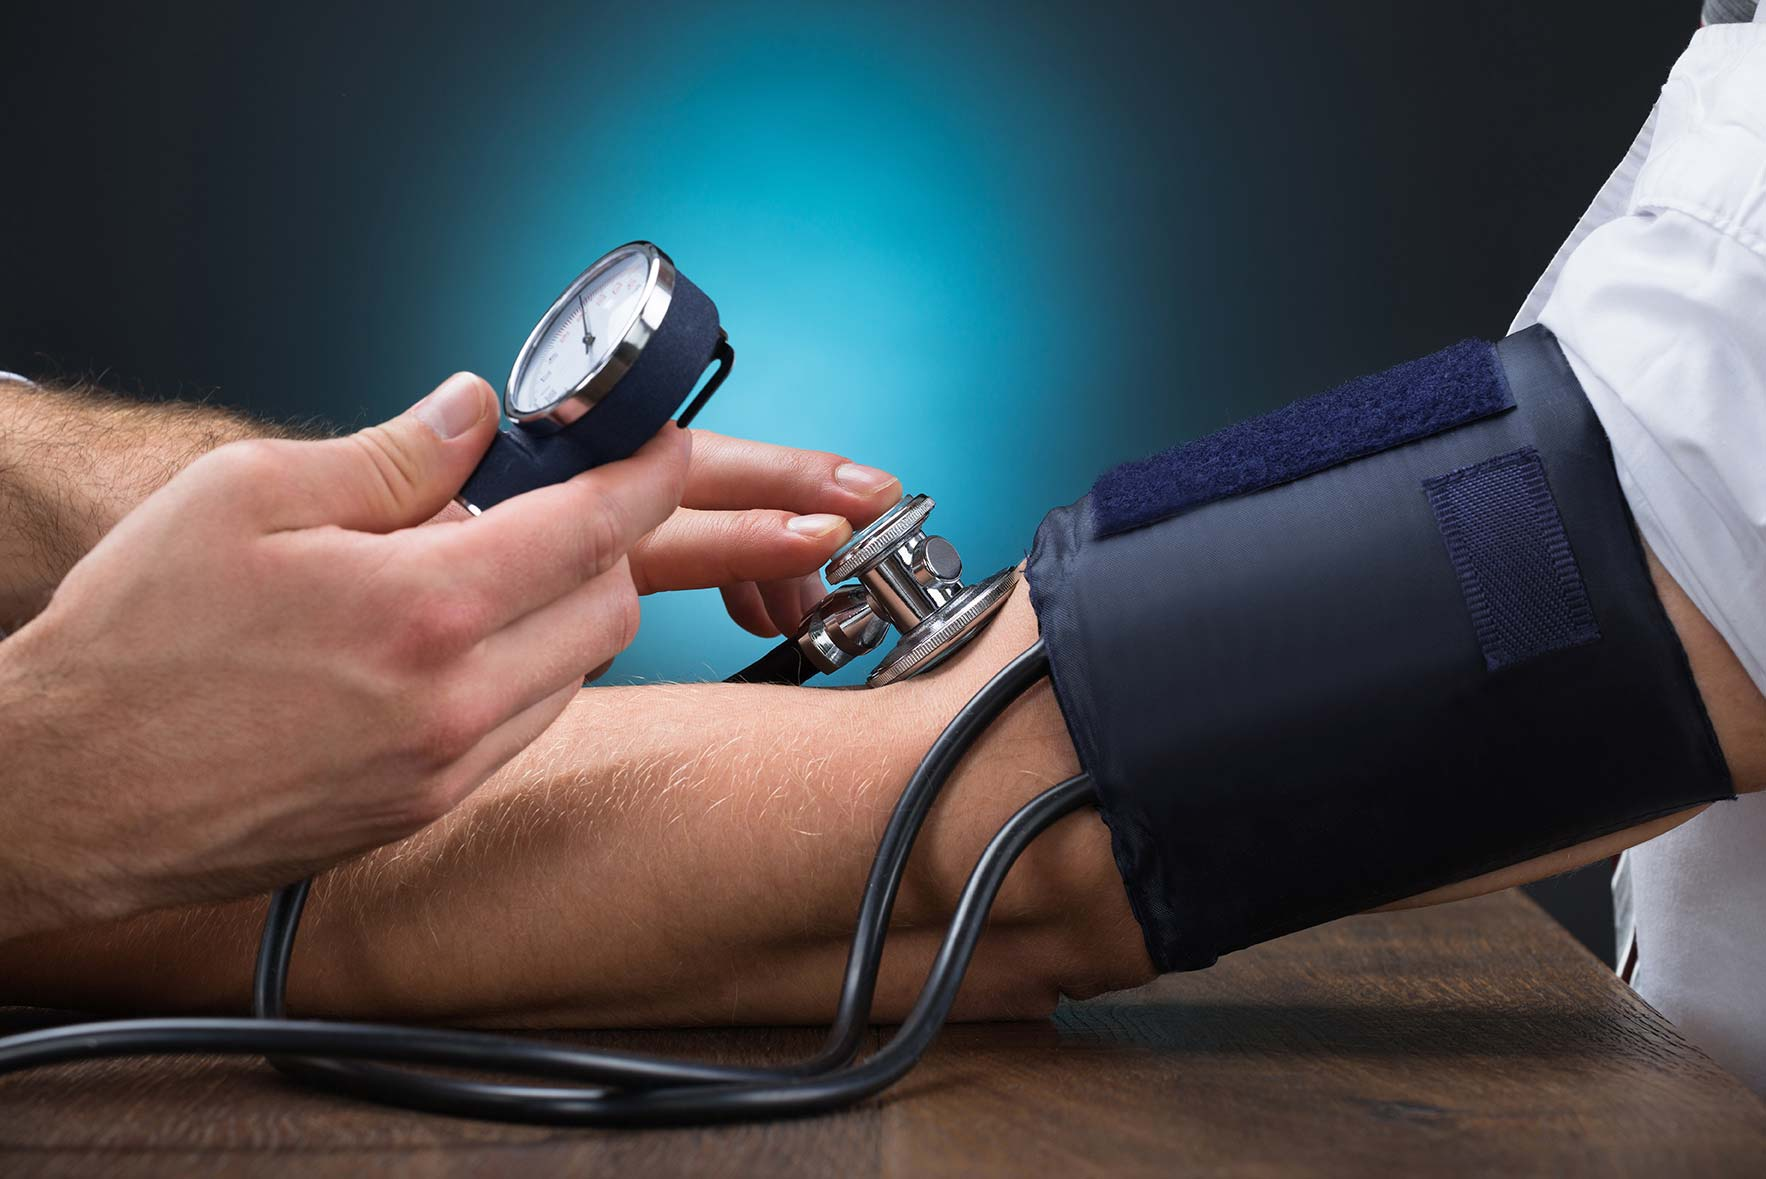 piték a magas vérnyomásról